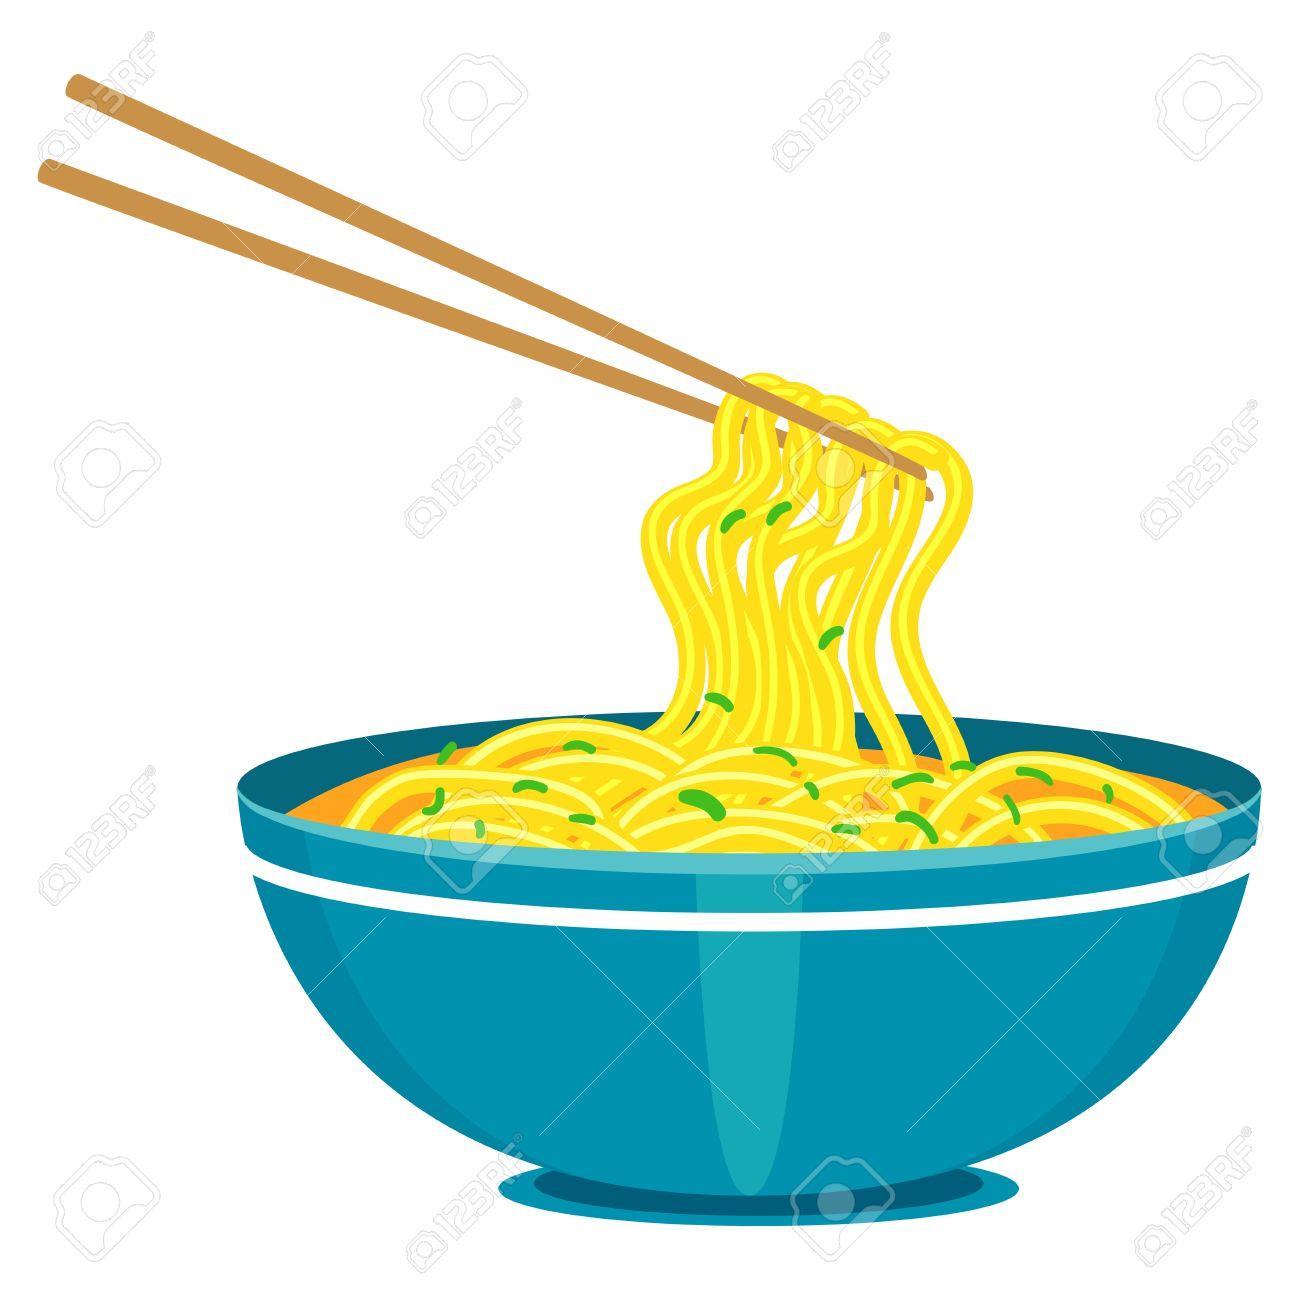 306 Noodles free clipart.